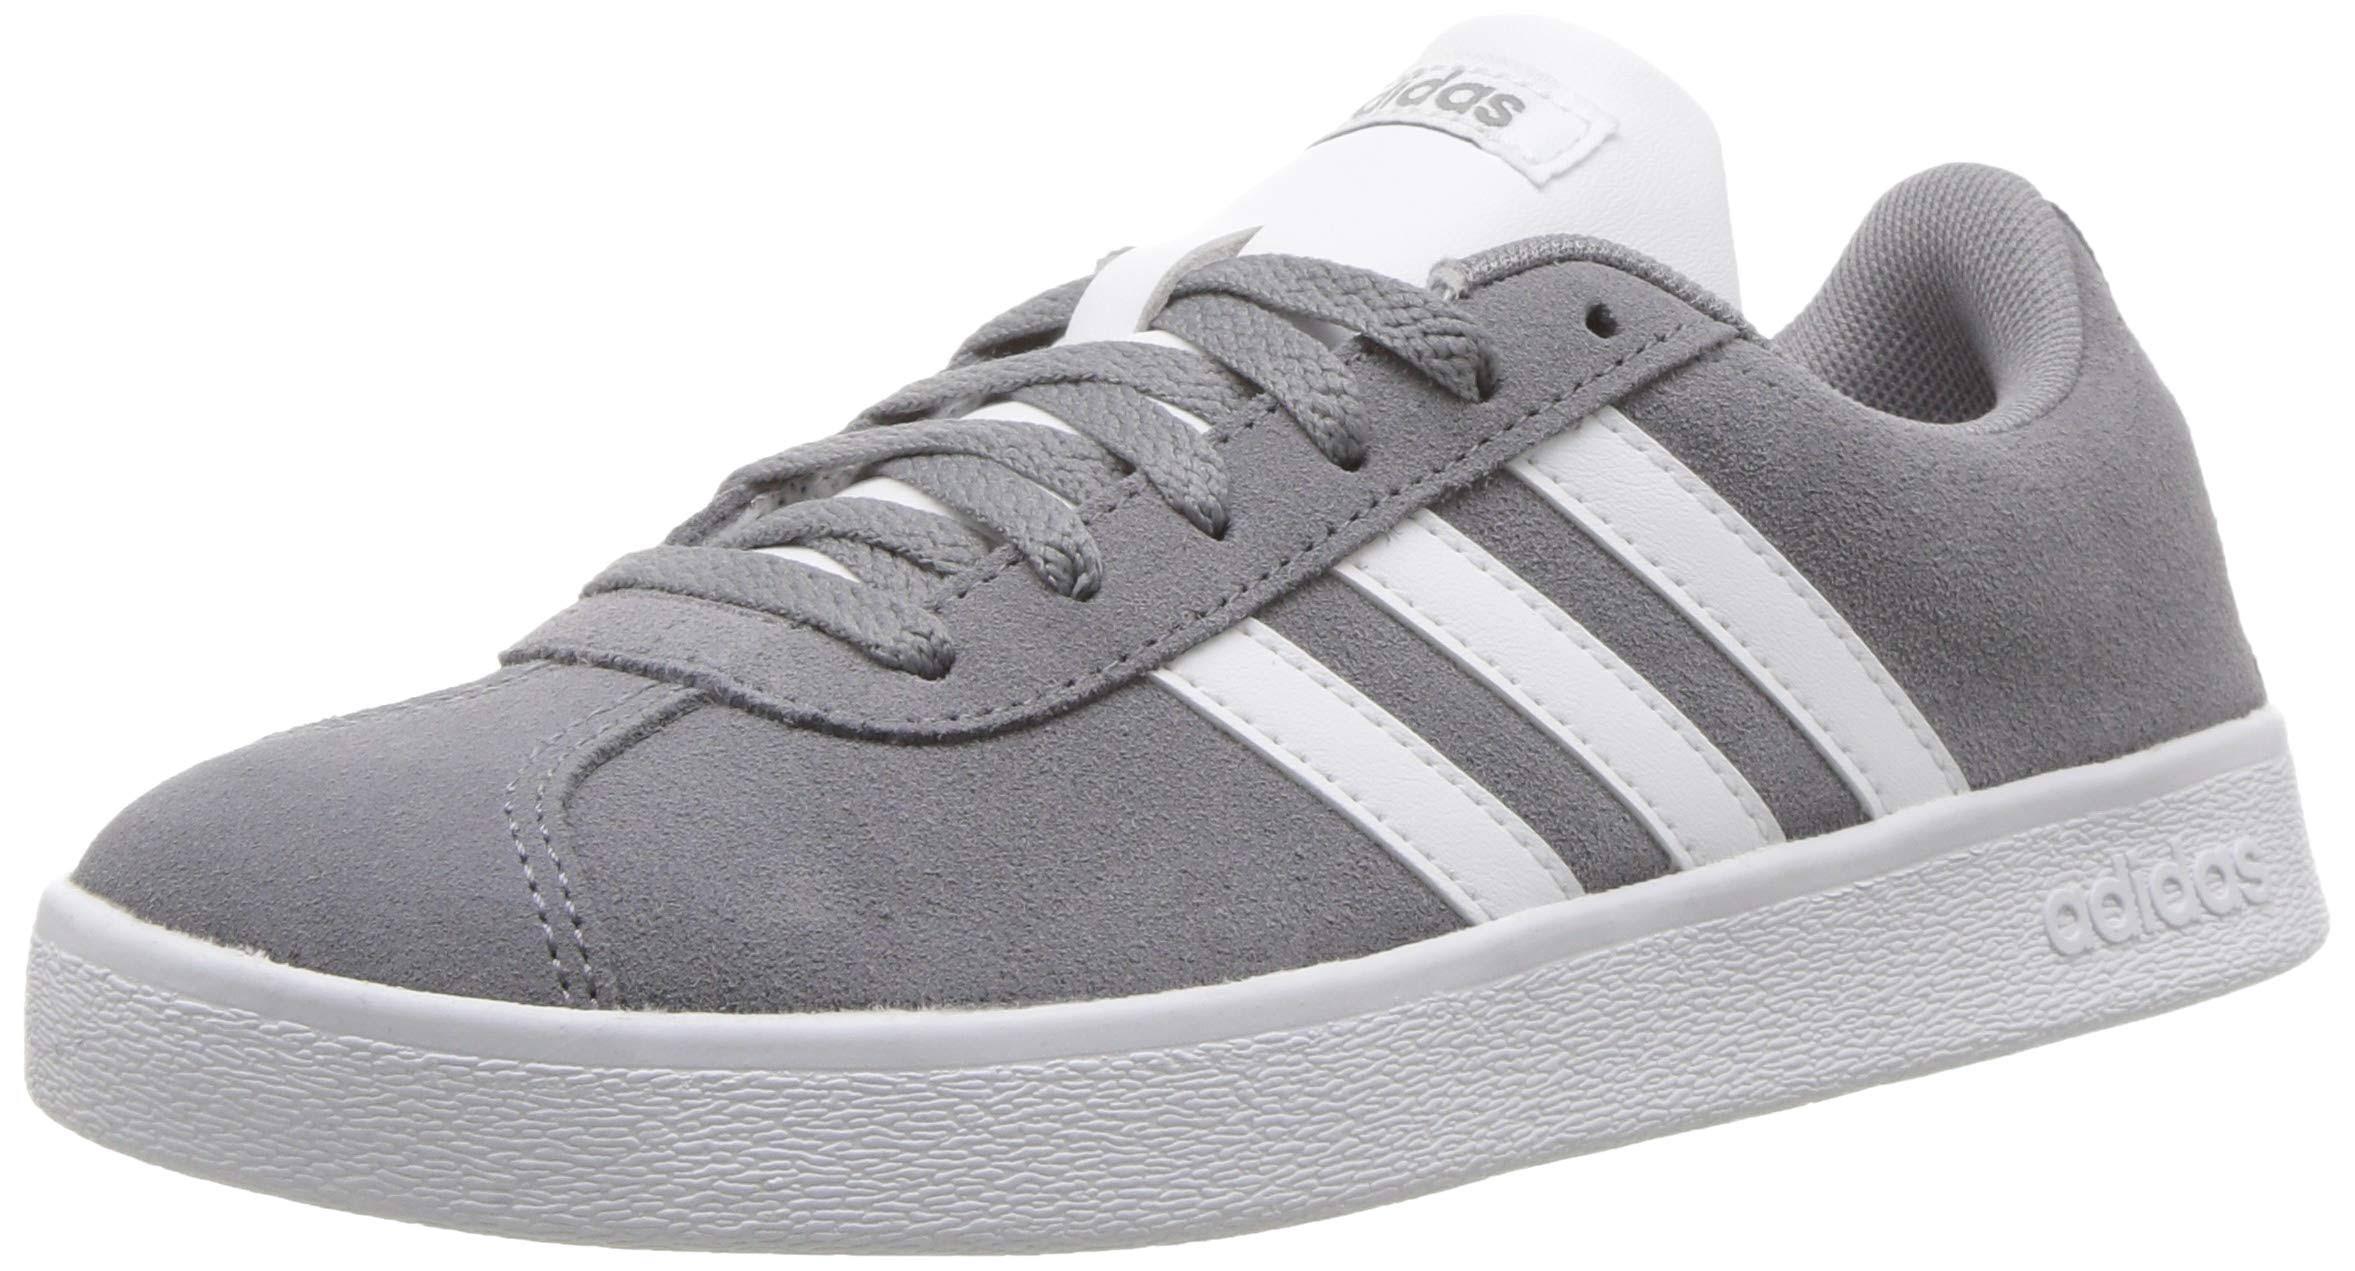 2 Gris Vl 0 K 1 Adidas Zapatilla Court De Juvenil Deporte zqdSwzE